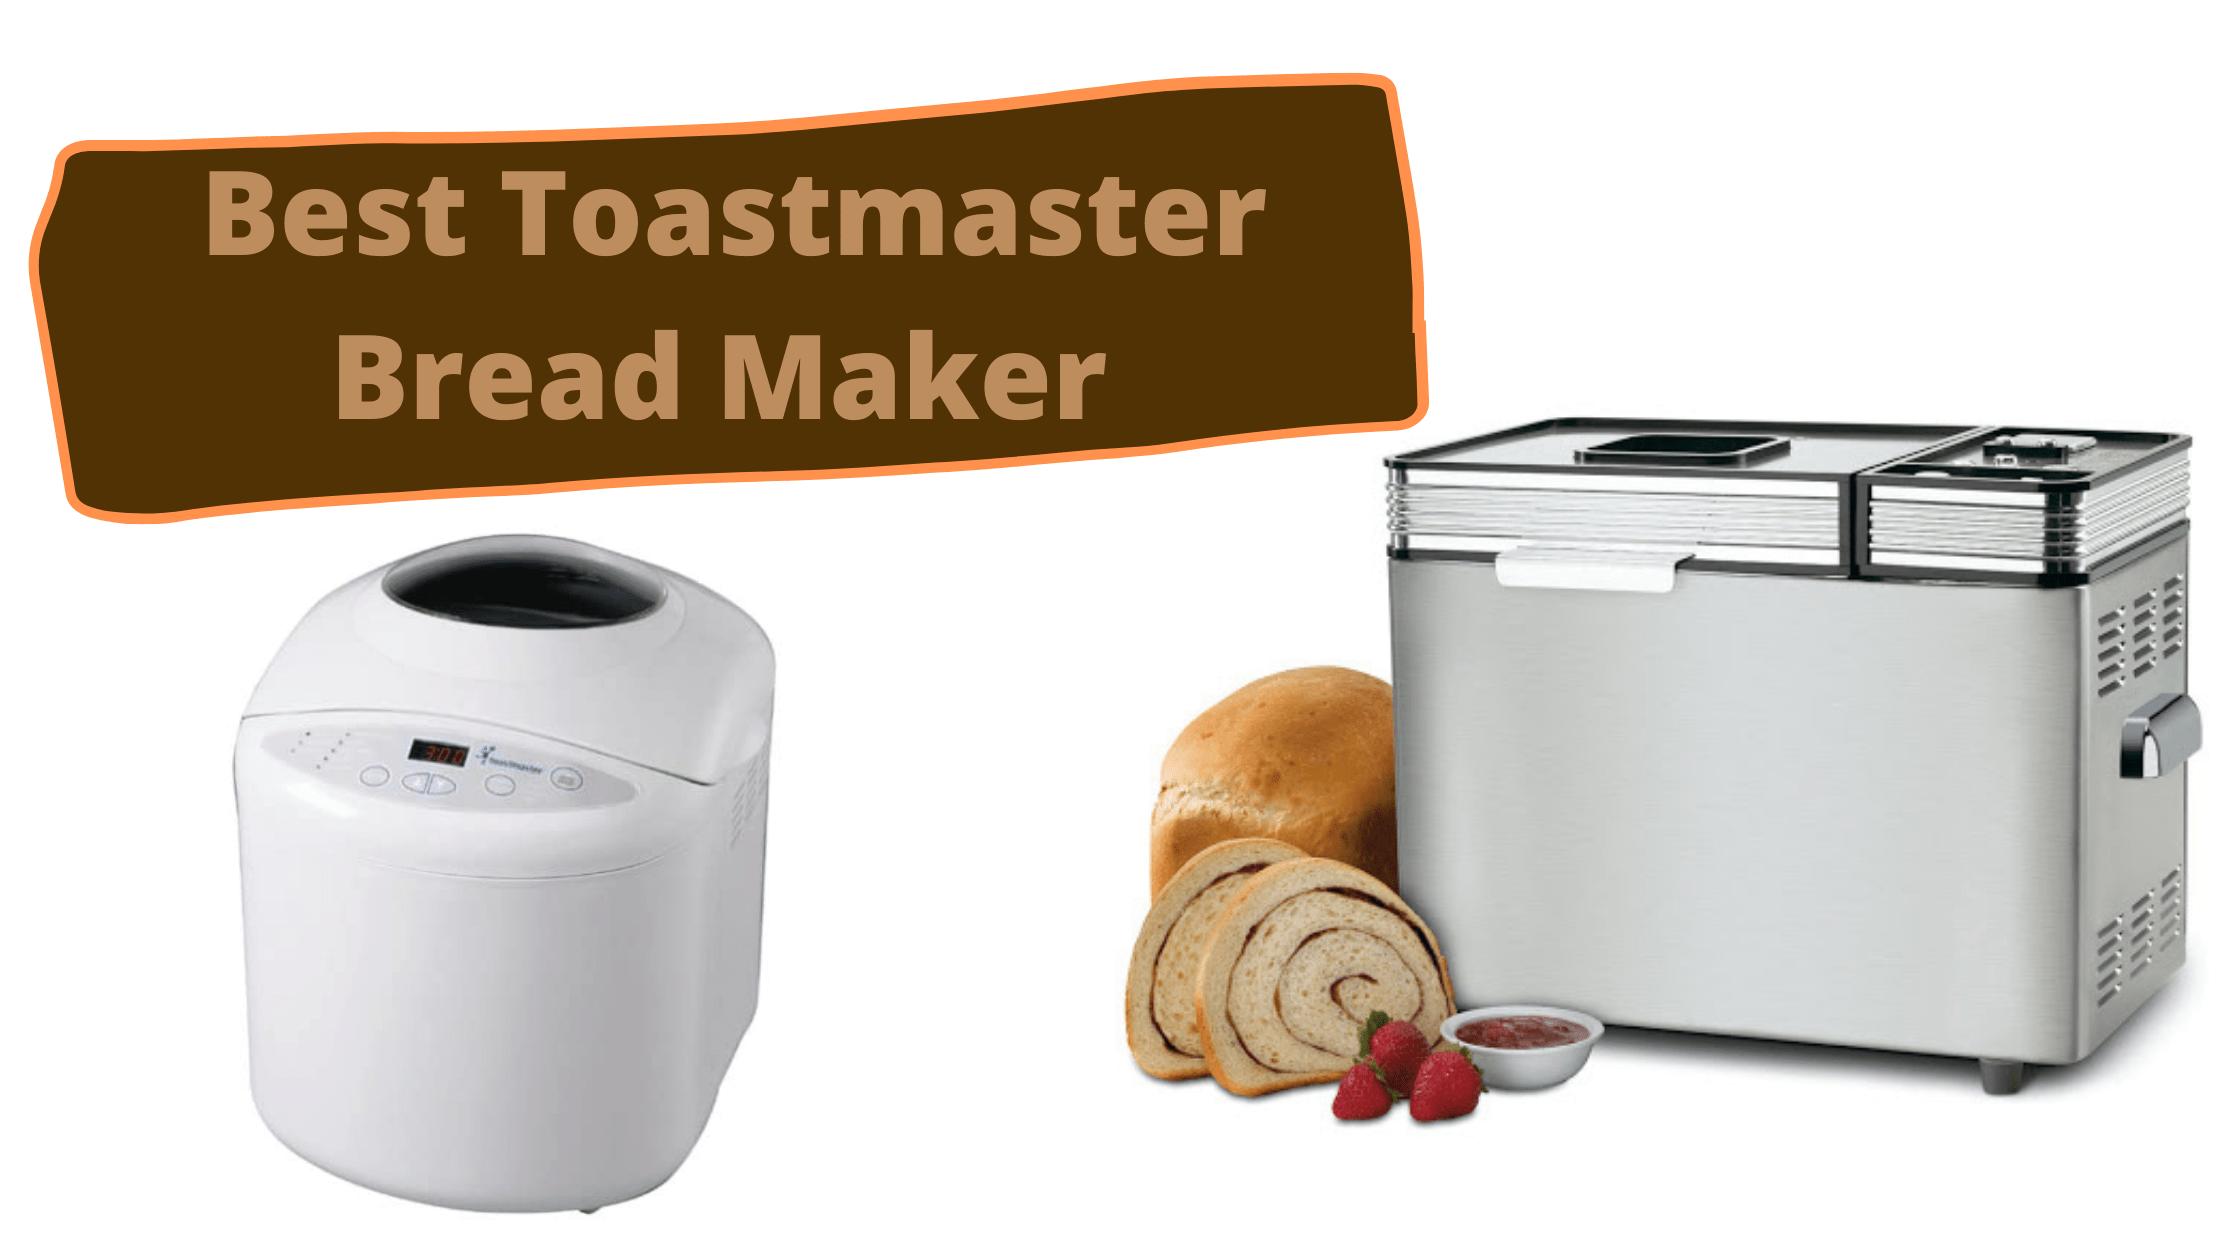 Toastmaster Bread Maker Reviews